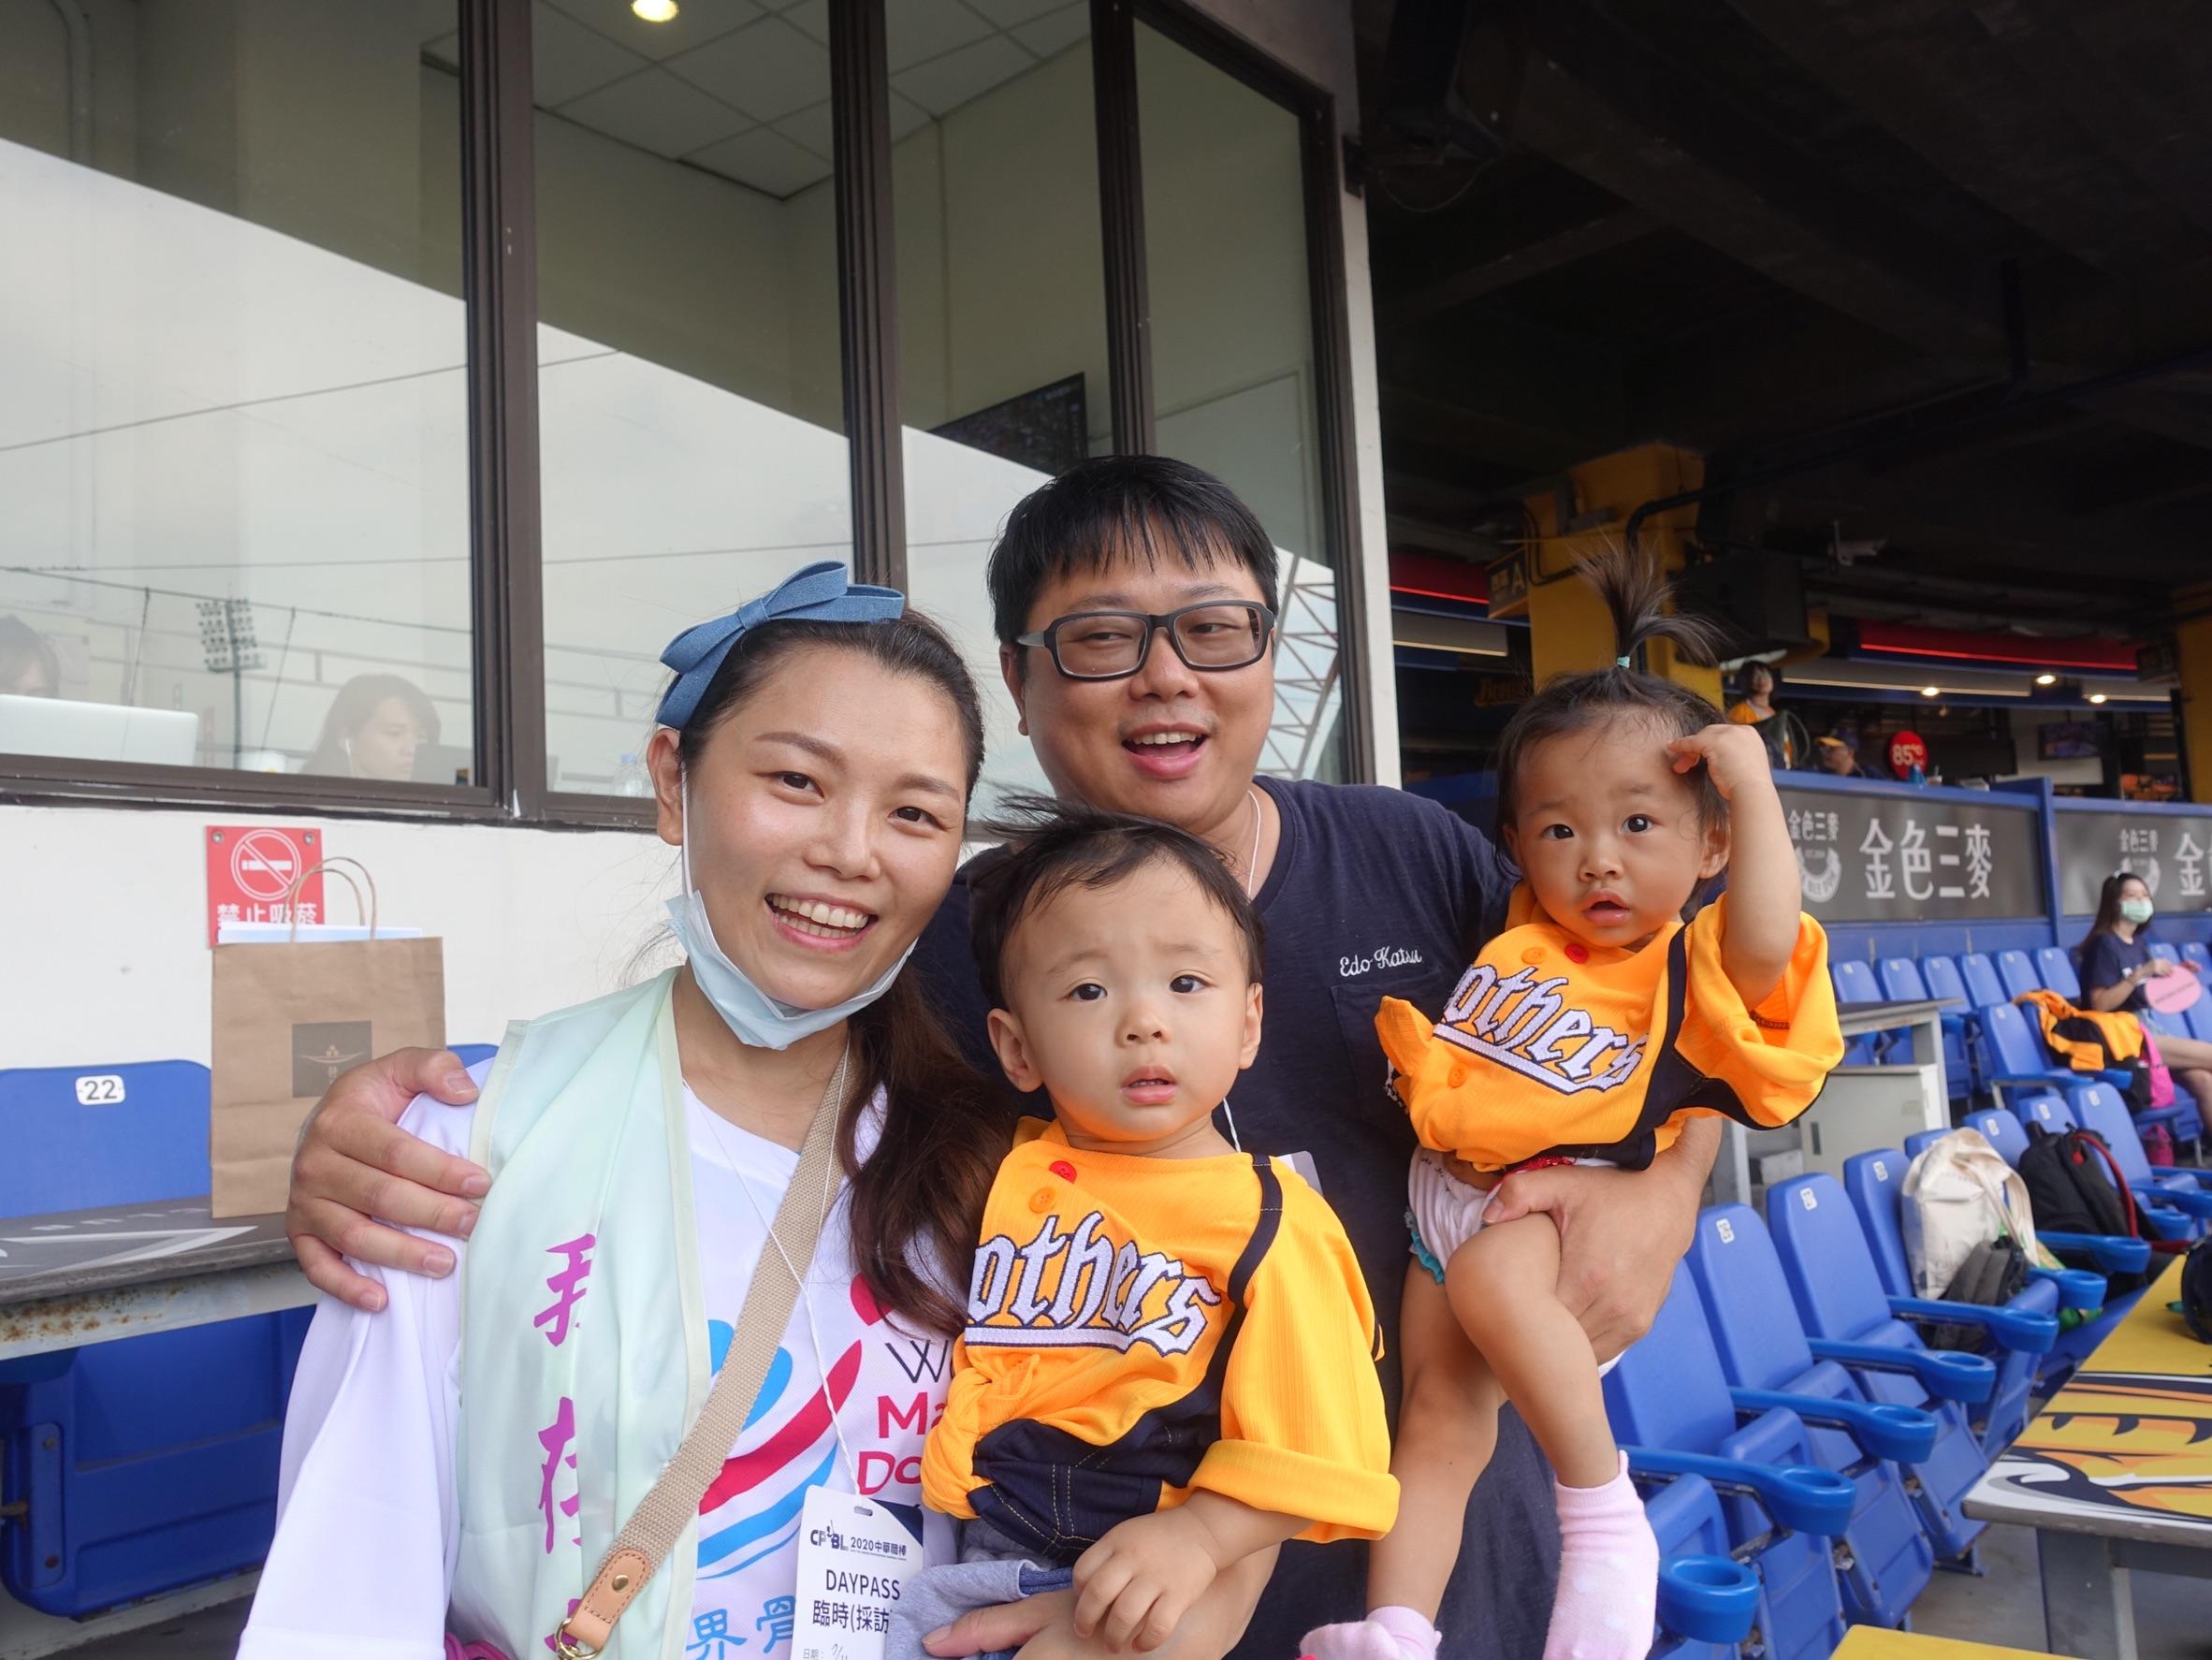 李亞倪(左)與先生帶著1歲多的龍鳳胎前來台中洲際棒球場,以自己恢復健康的經驗鼓勵病友。